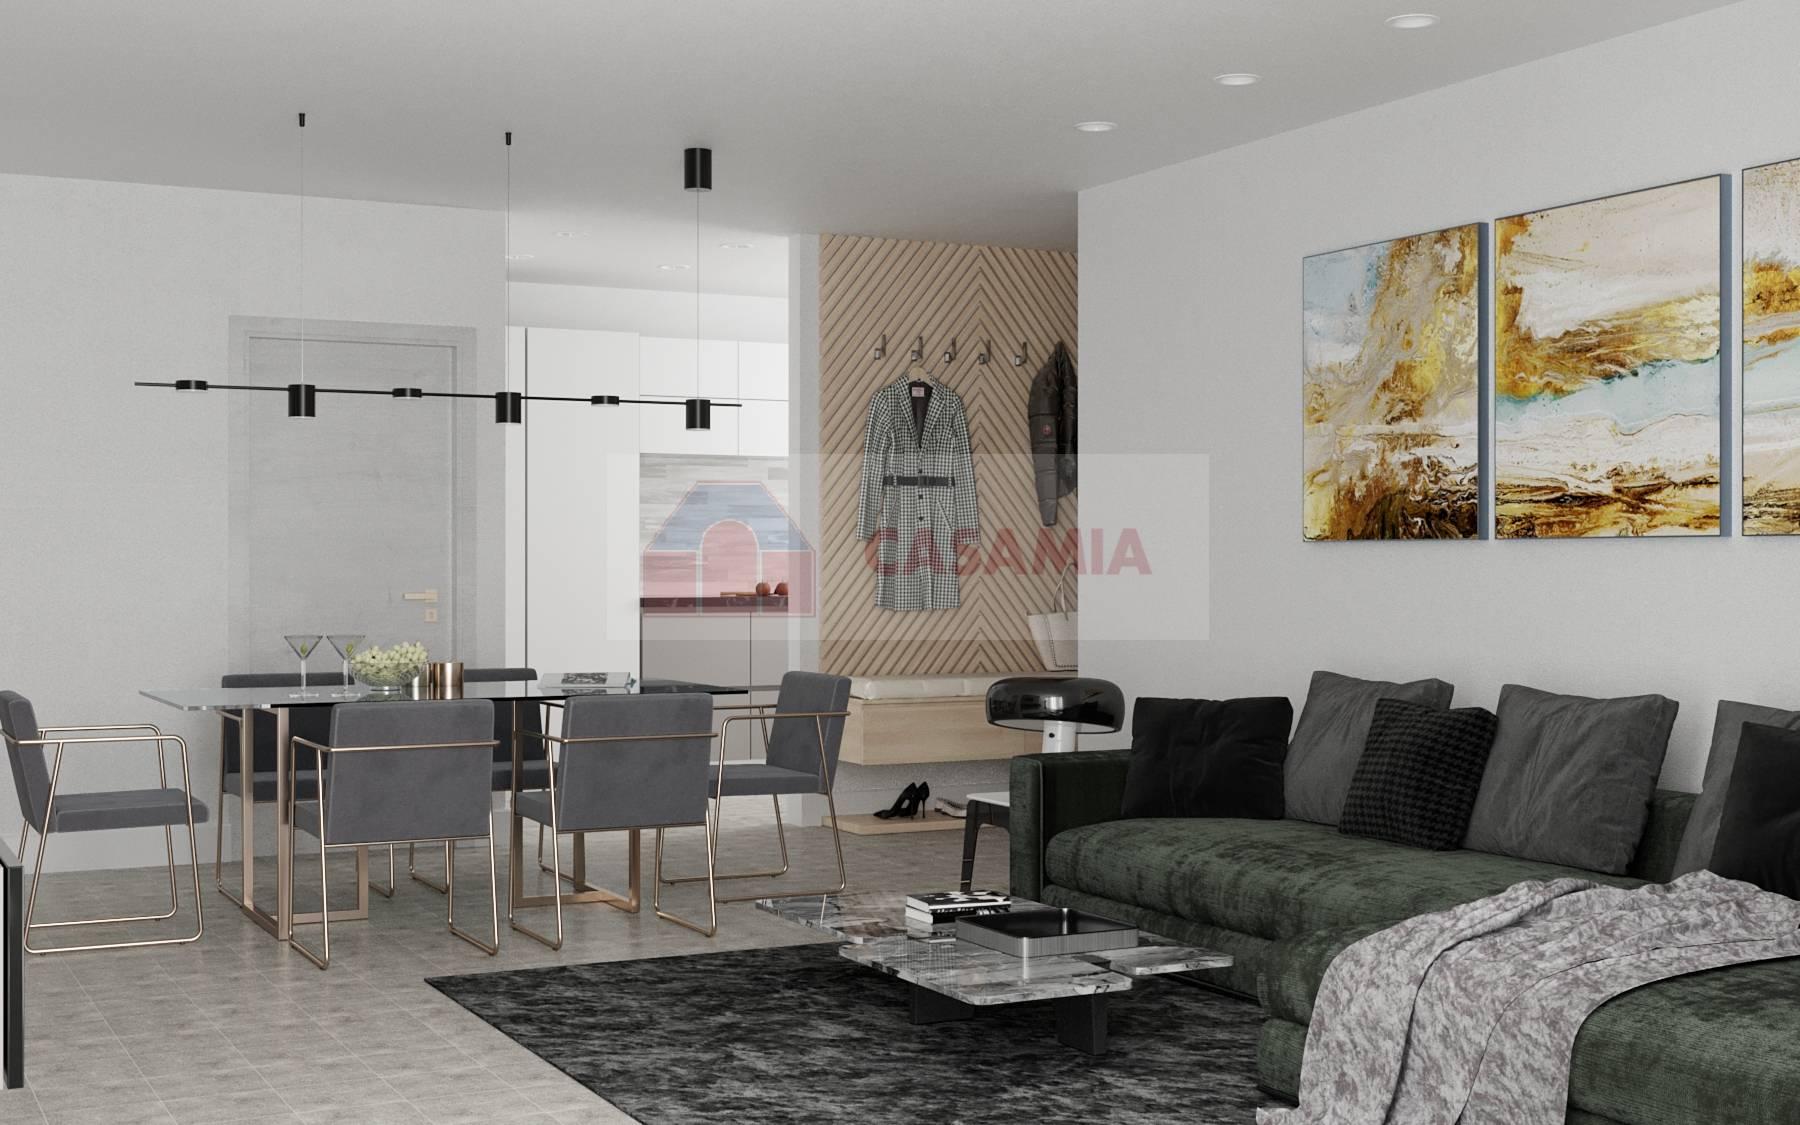 Appartamento in vendita a Oderzo, 7 locali, zona Località: Centro, prezzo € 328.000 | CambioCasa.it